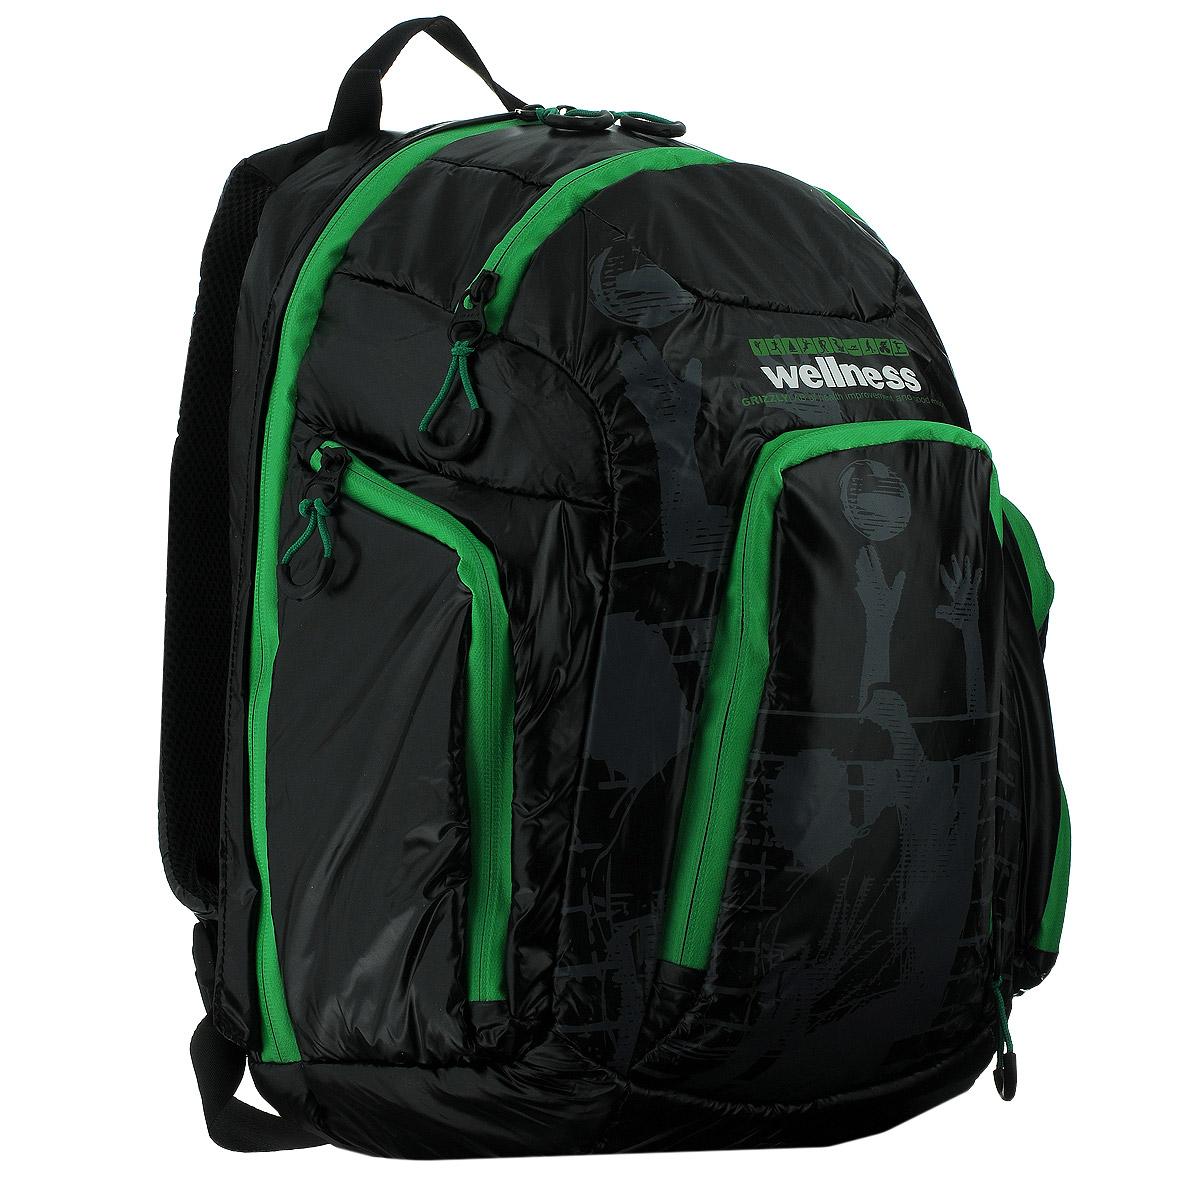 Рюкзак молодежный Grizzly, цвет: черный, зеленый. RU-417-1RU-707-2/4Стильный молодежный рюкзак Grizzly выполнен из нейлона черного цвета и оформлен оригинальным принтом. Рюкзак оснащен одним большим отделением, закрывающимся на застежку-молнию. На передней стенке расположено 2 кармана, закрывающихся на застежки-молнии. По бокам 2 объемных кармана с застежками-молниями. Внутри расположен карман. Рюкзак оснащен лямками, мягкой спинкой и текстильной ручкой для удобной переноски.